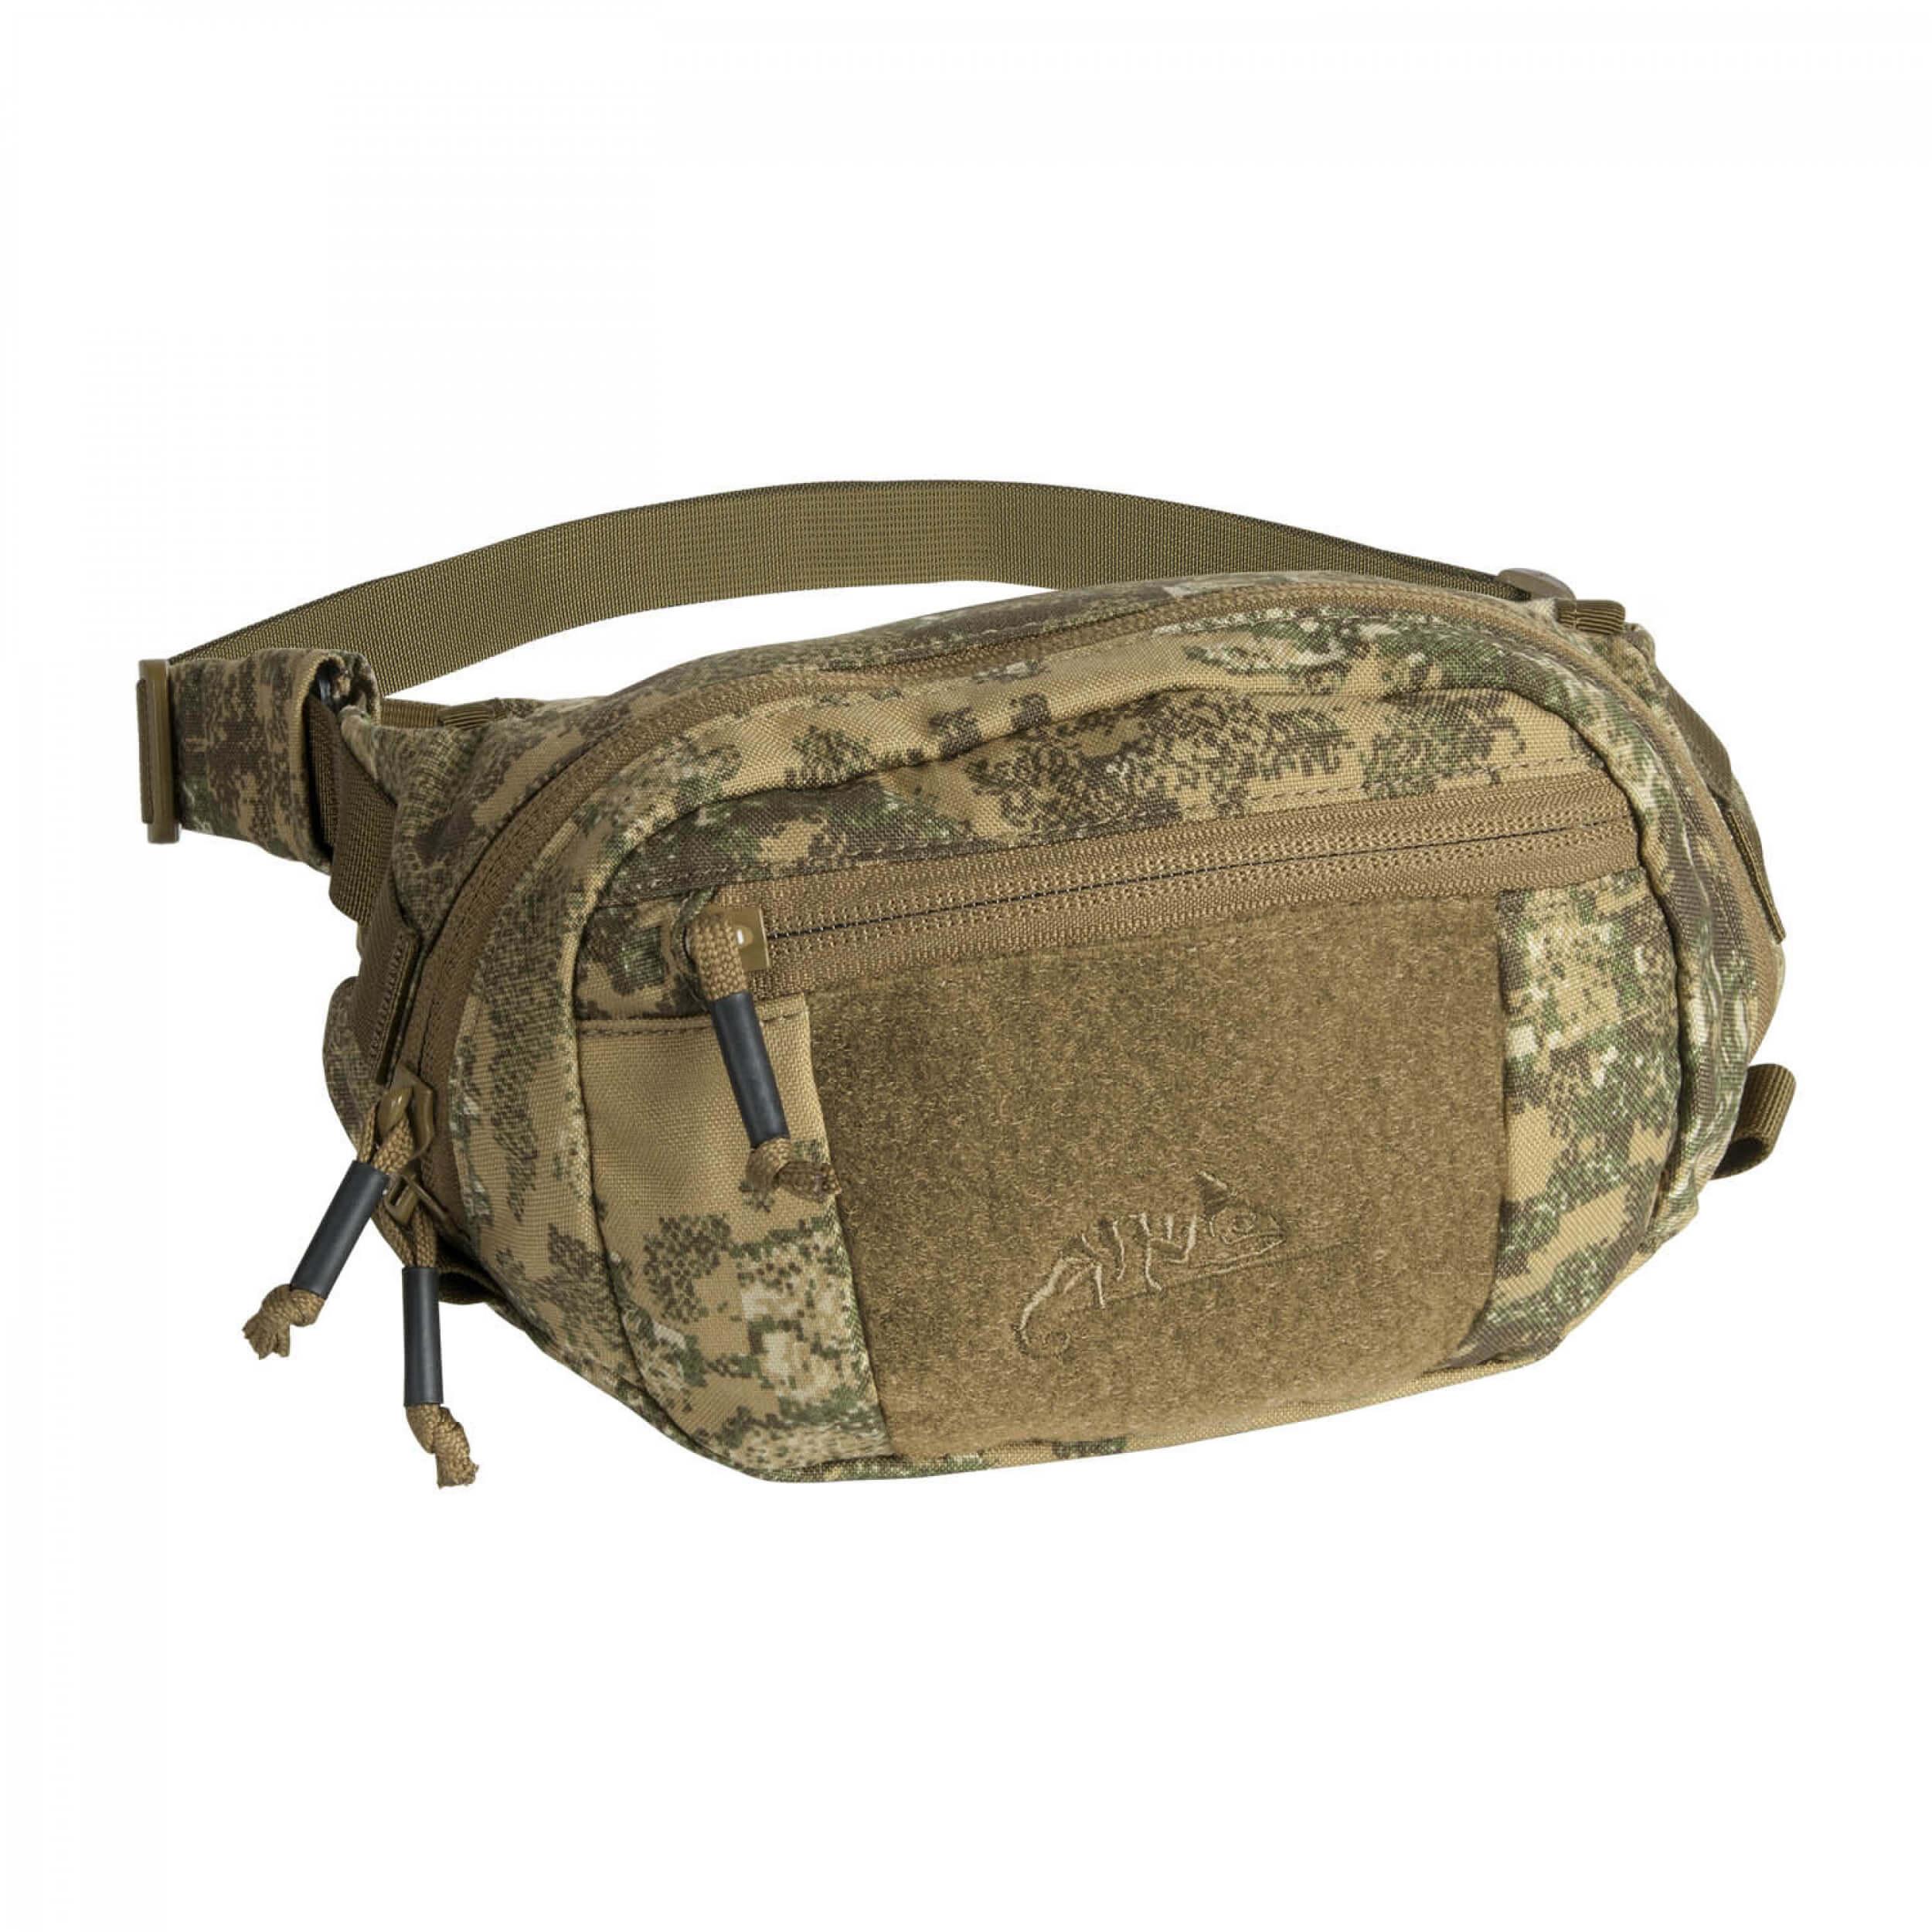 Helikon-Tex Waist Pack Possum PenCott Badlands